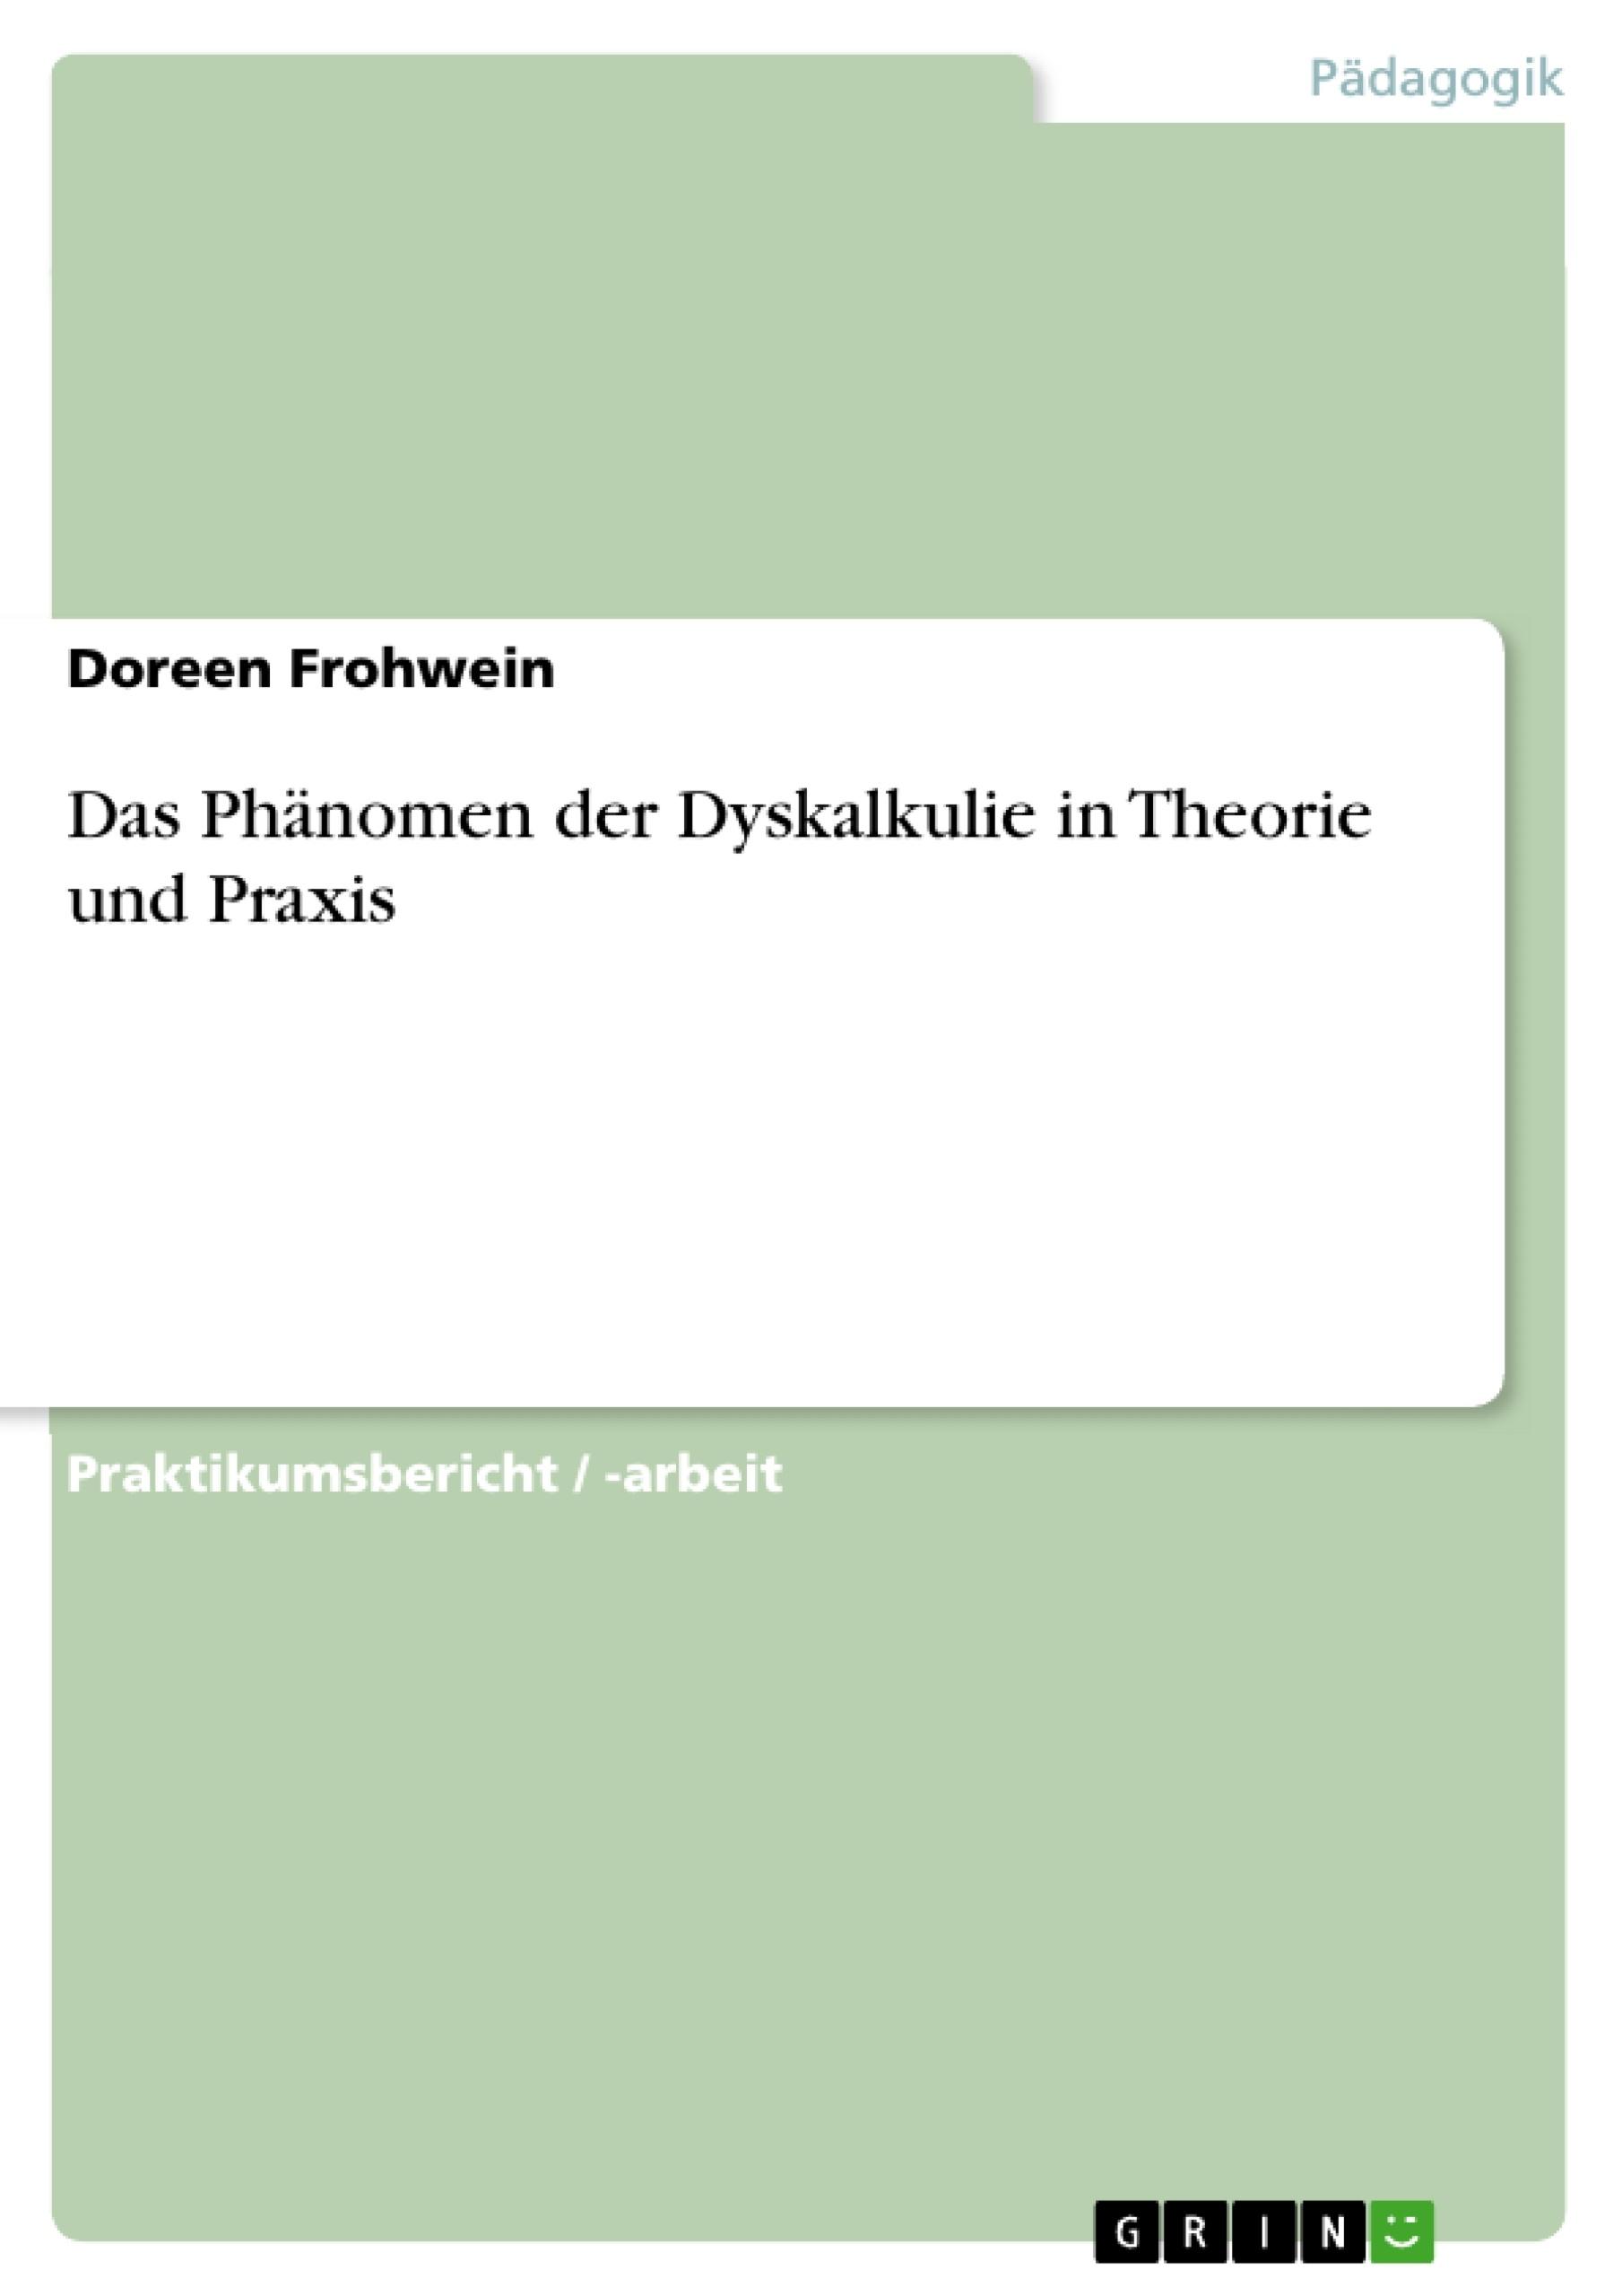 Titel: Das Phänomen der Dyskalkulie in Theorie und Praxis